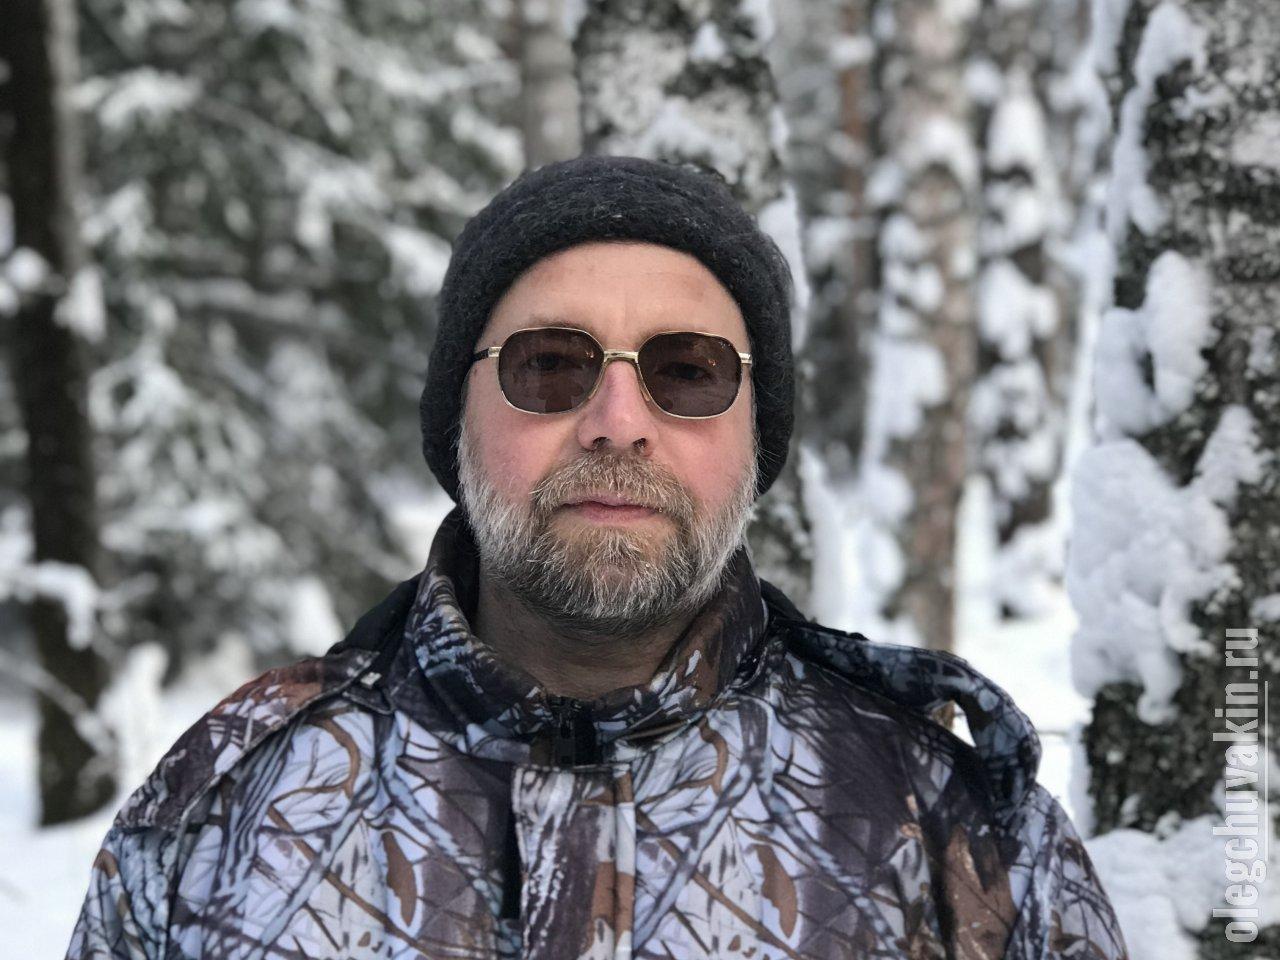 Услуги редактора, Олег Чувакин, редактор, корректор, писатель